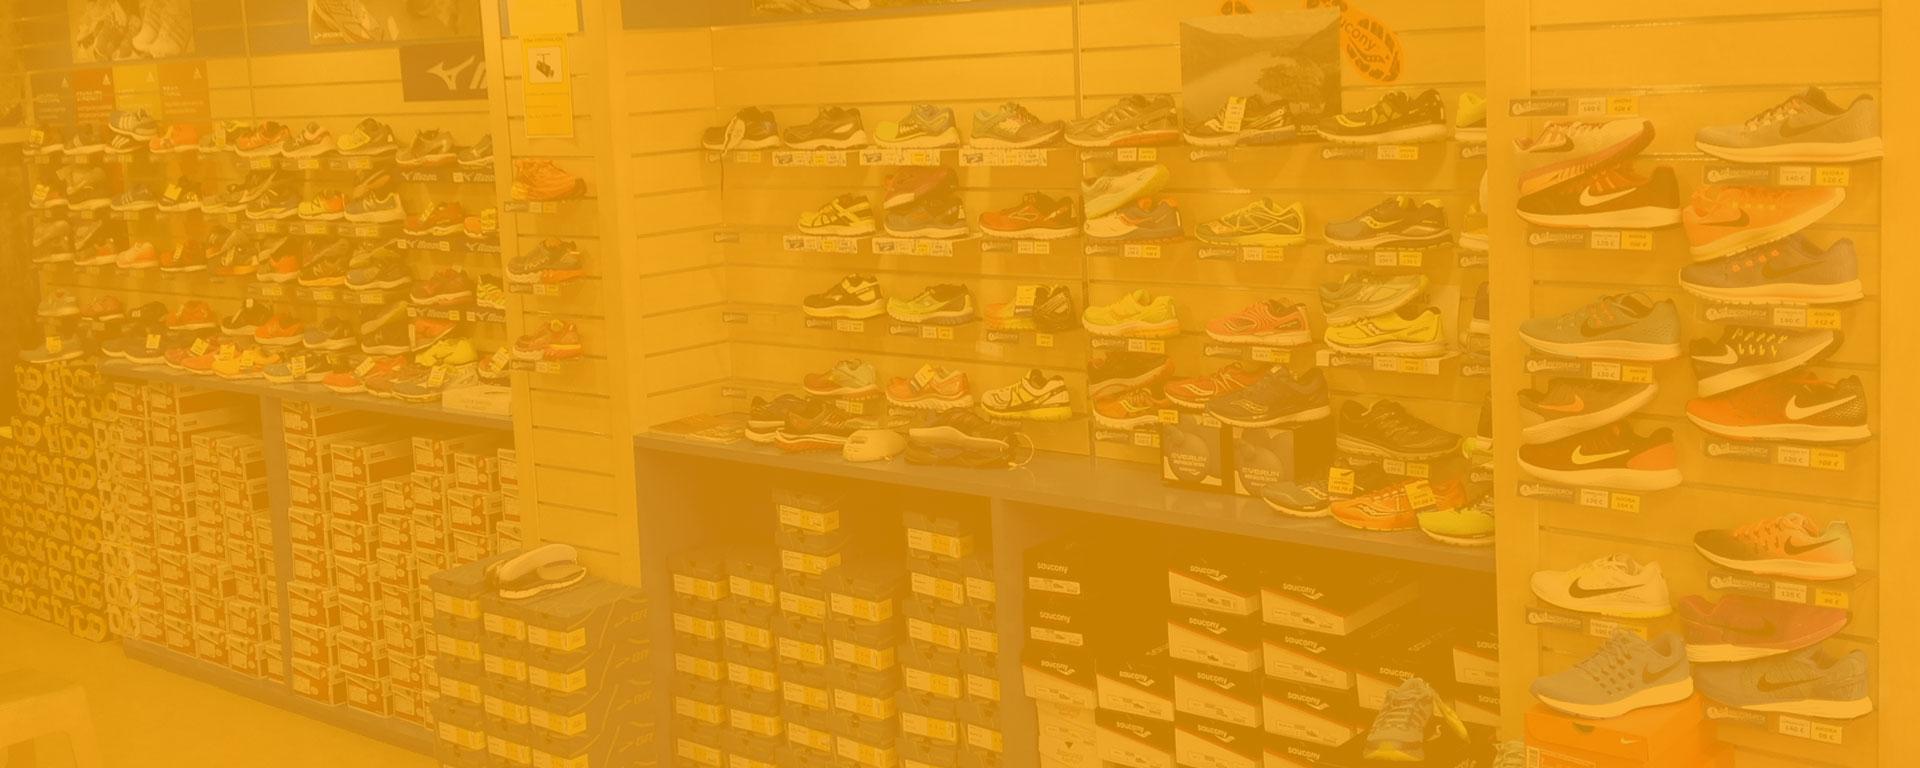 zapatillas-running-murcia-calzado-para-runners